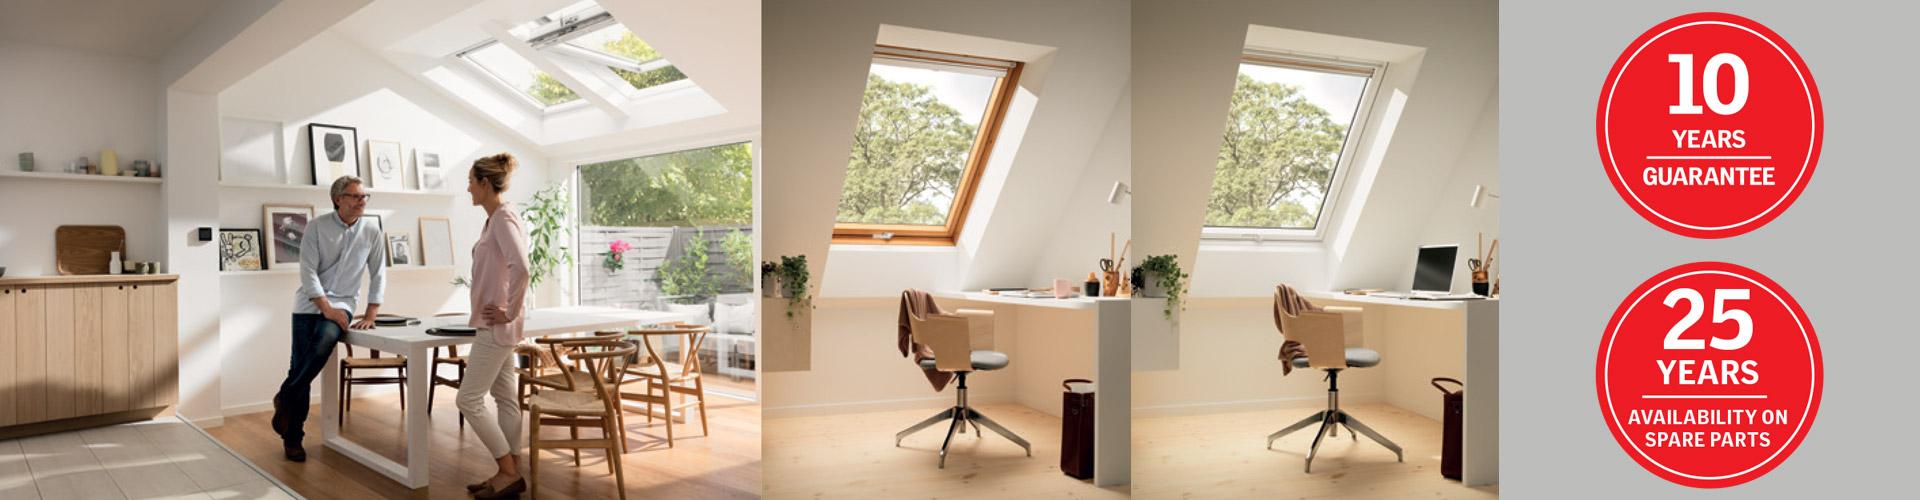 Velux Roof Windows Aberdeen, Aberdeenshire & North East Scotland